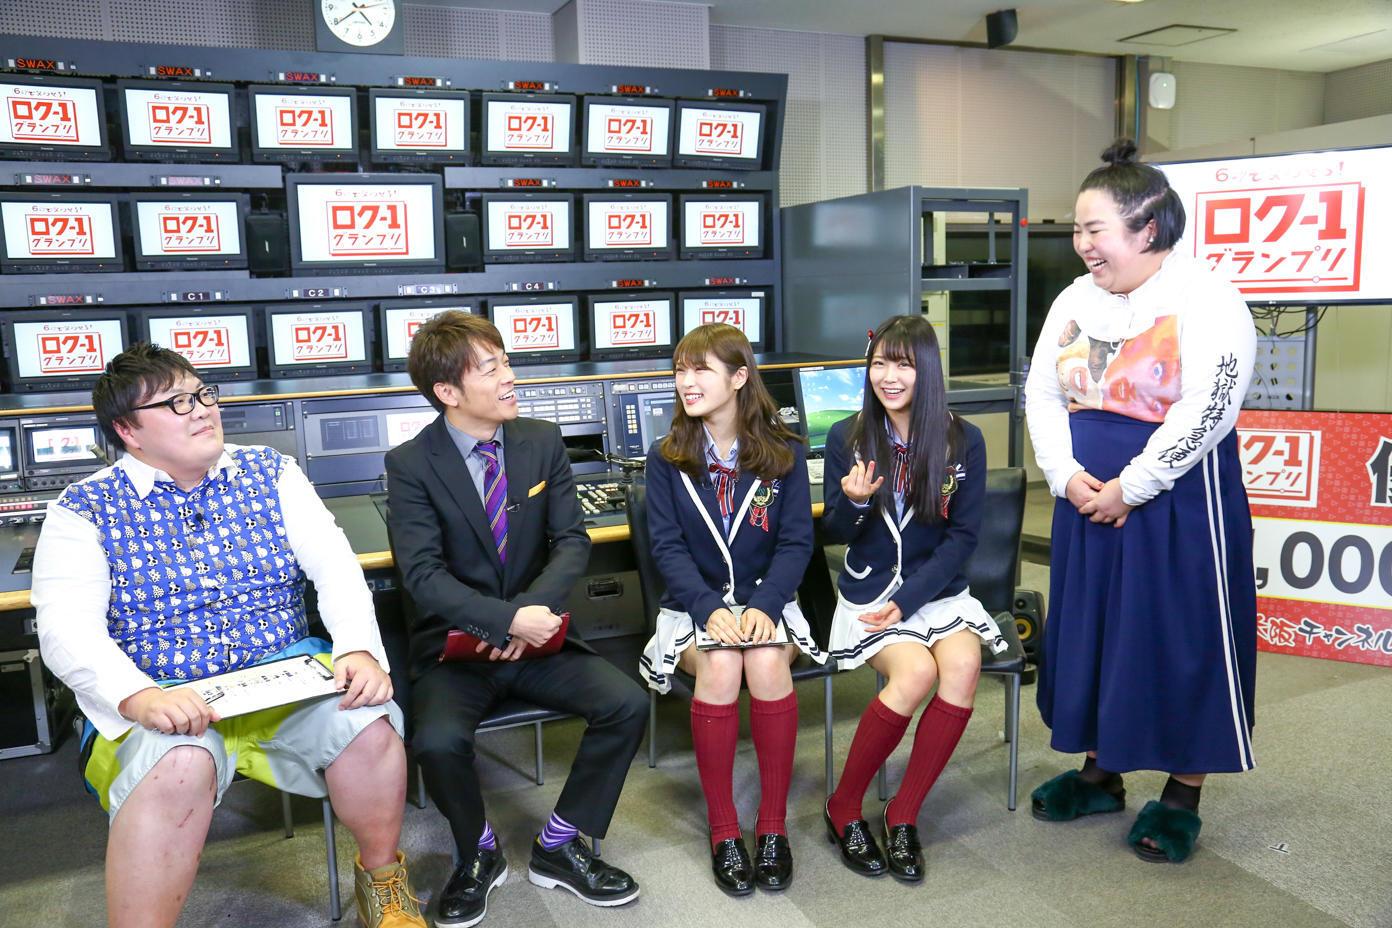 http://news.yoshimoto.co.jp/20171029200904-d95a2f4306d975dcd0b5c3f84ead6bb6ce854b48.jpg